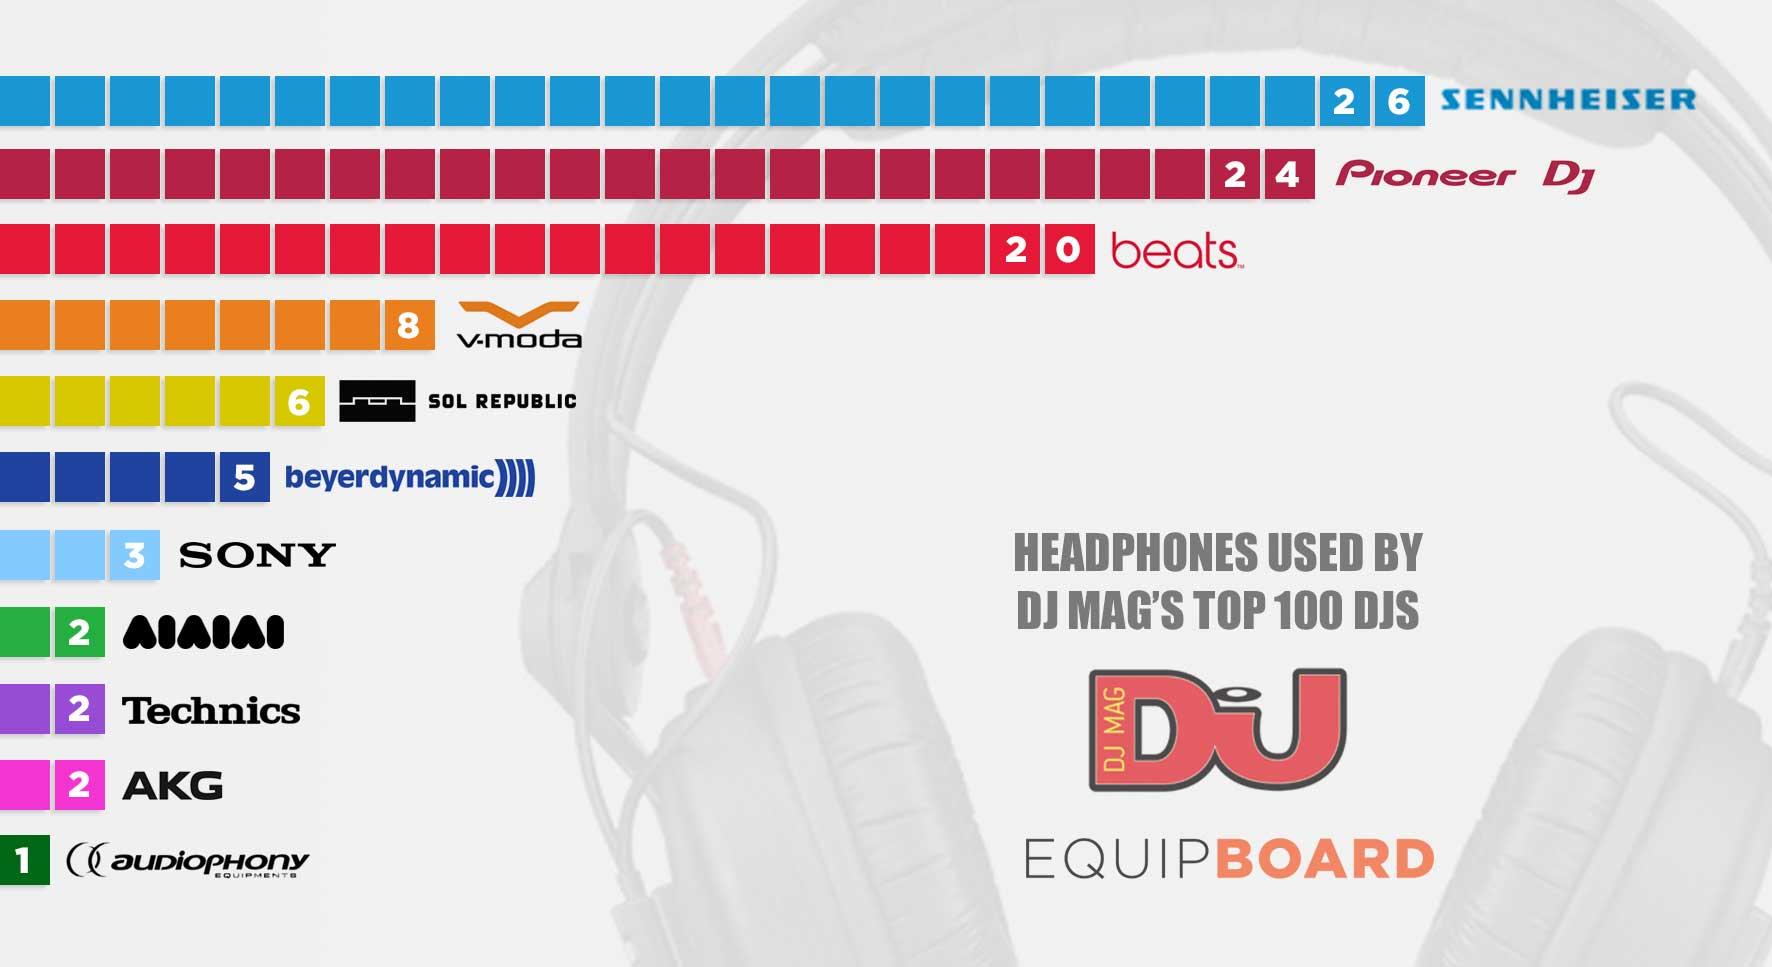 The 8 Best DJ Headphones to Buy [2020] | Equipboard®